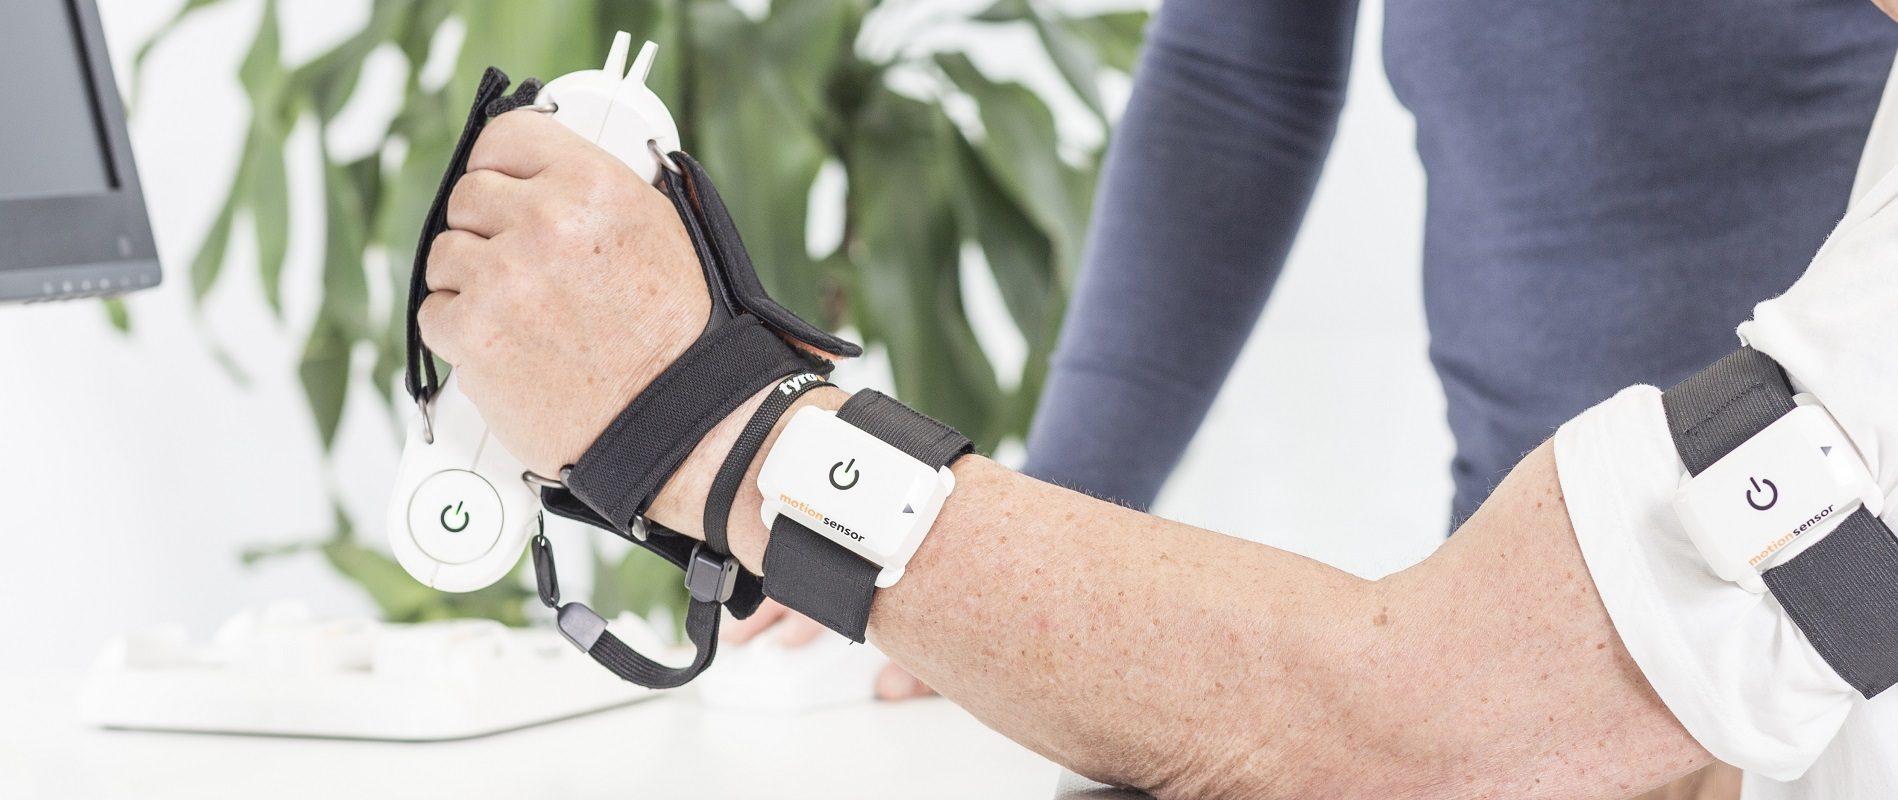 PABLO Sensoren in Anwendung am Arm des Patienten